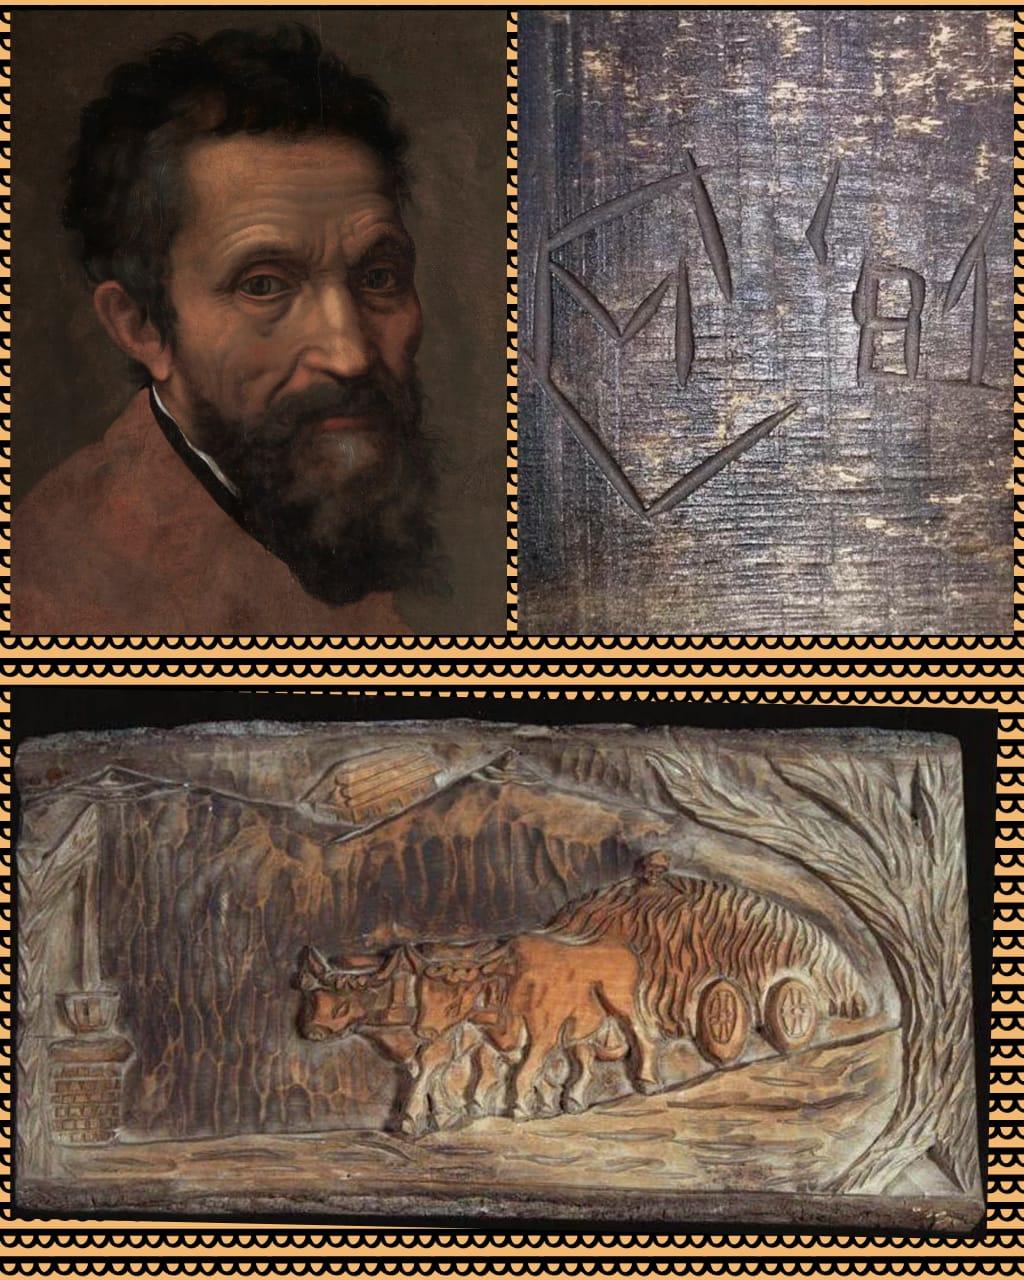 بيع لوحة فنية قديمة 0_img-11